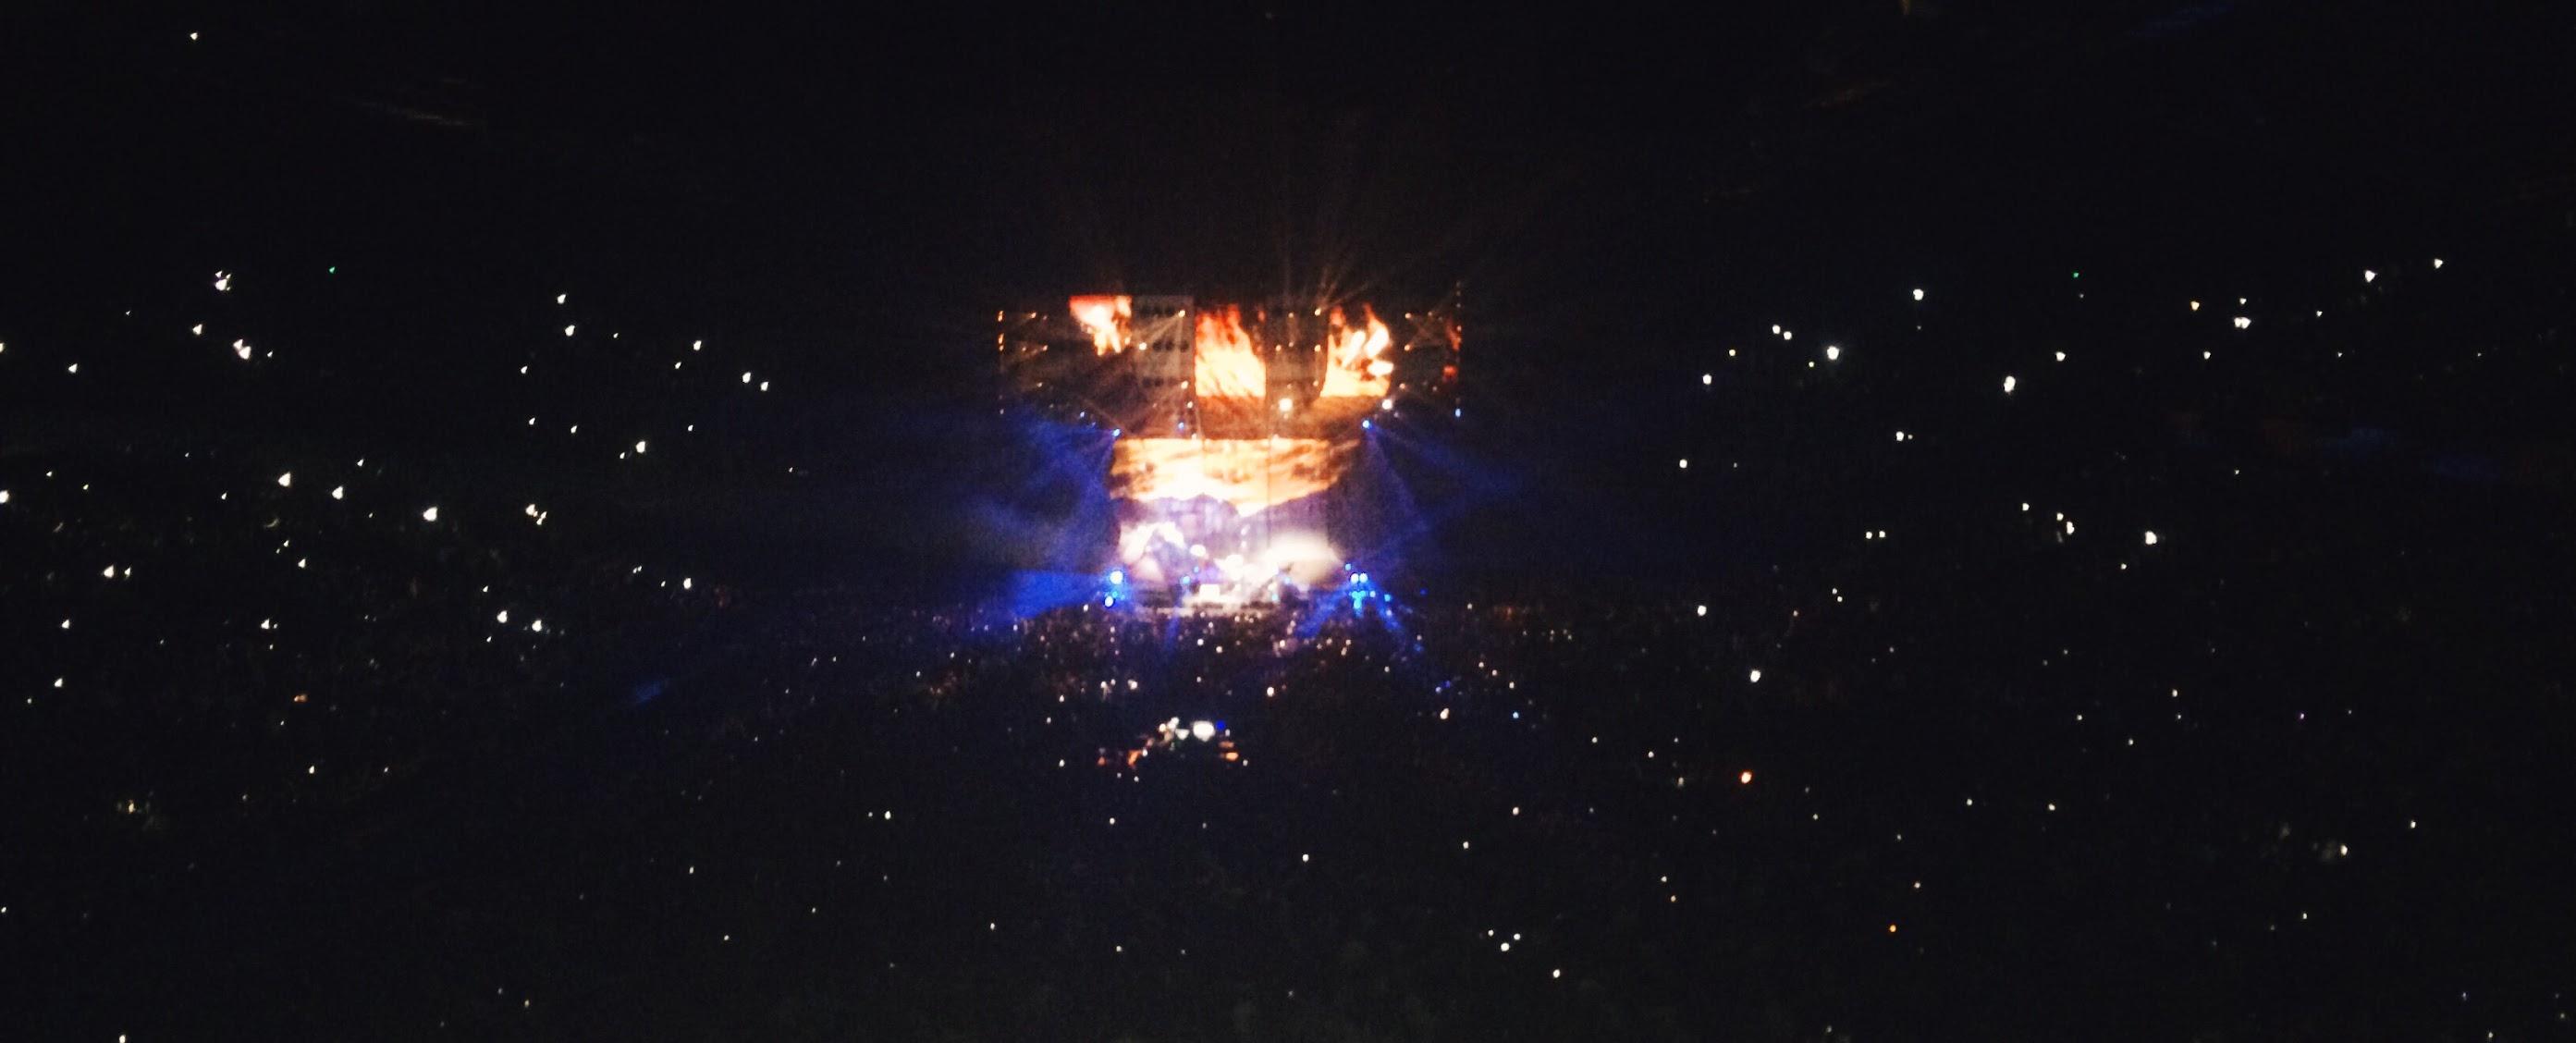 Concert zaal gevuld met lichtjes tijdens een van Ed Sheerans liedjes.